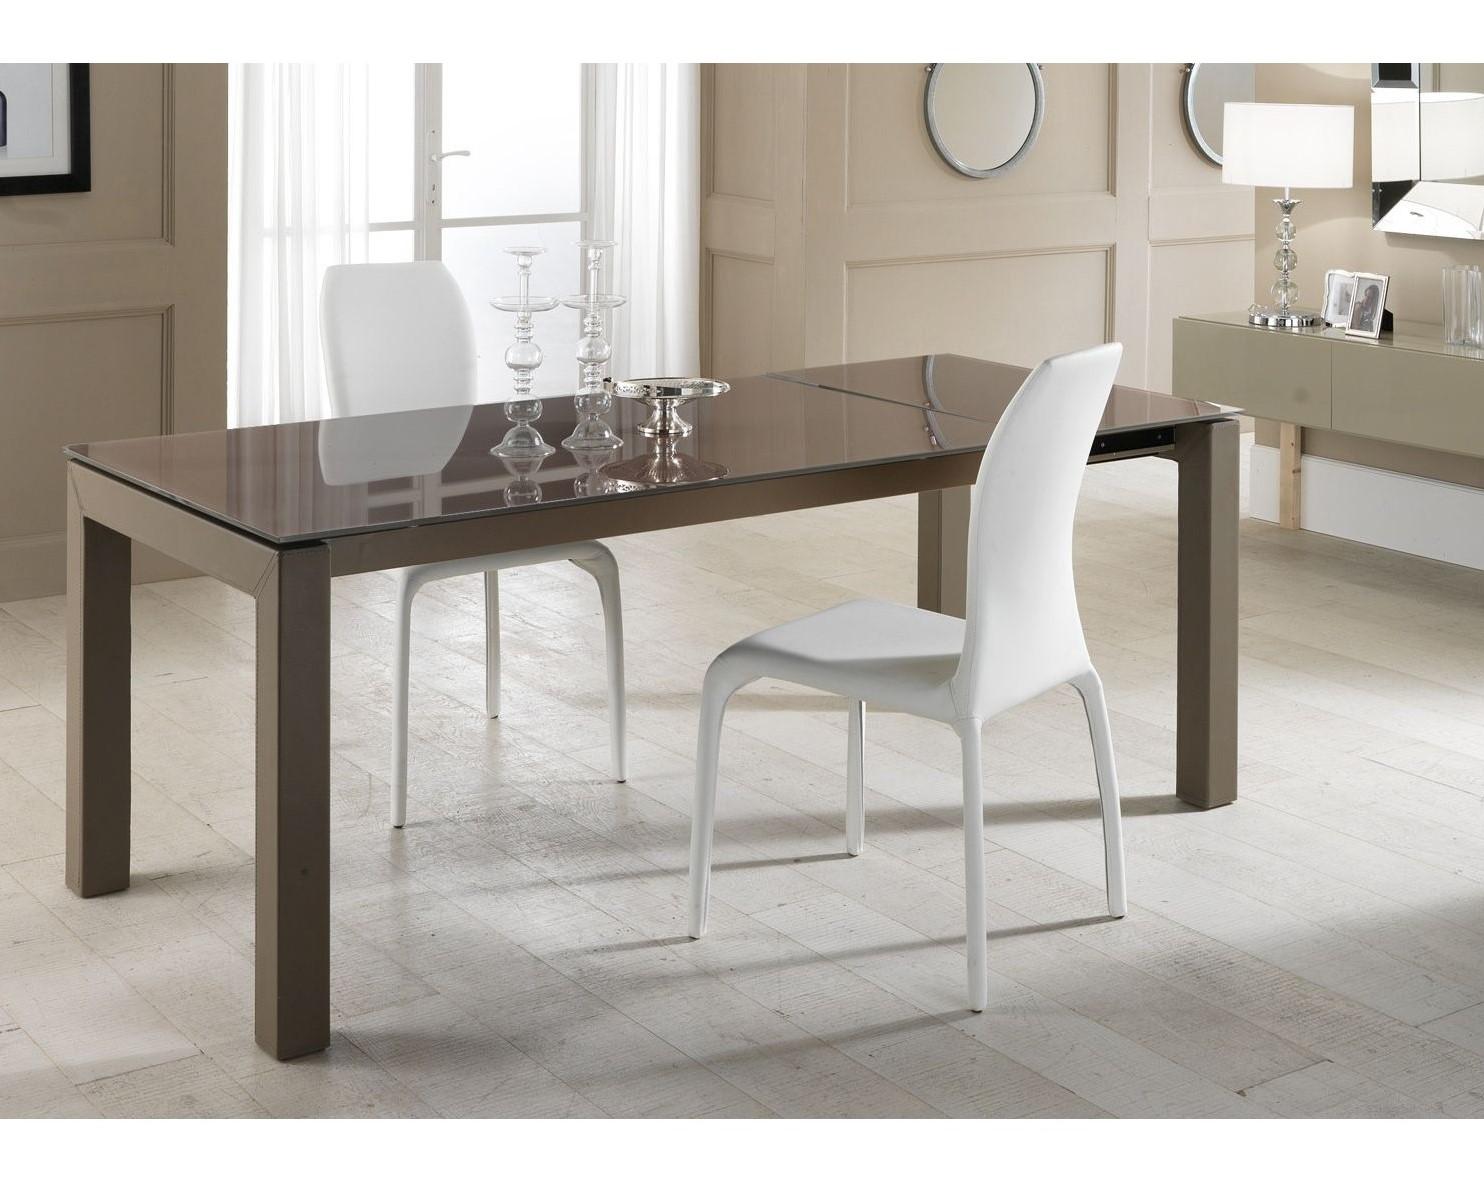 Tavolino Salotto Che Diventa Tavolo Da Pranzo.Tavolino Salotto Che Diventa Tavolo Da Pranzo Excellent Tavolo